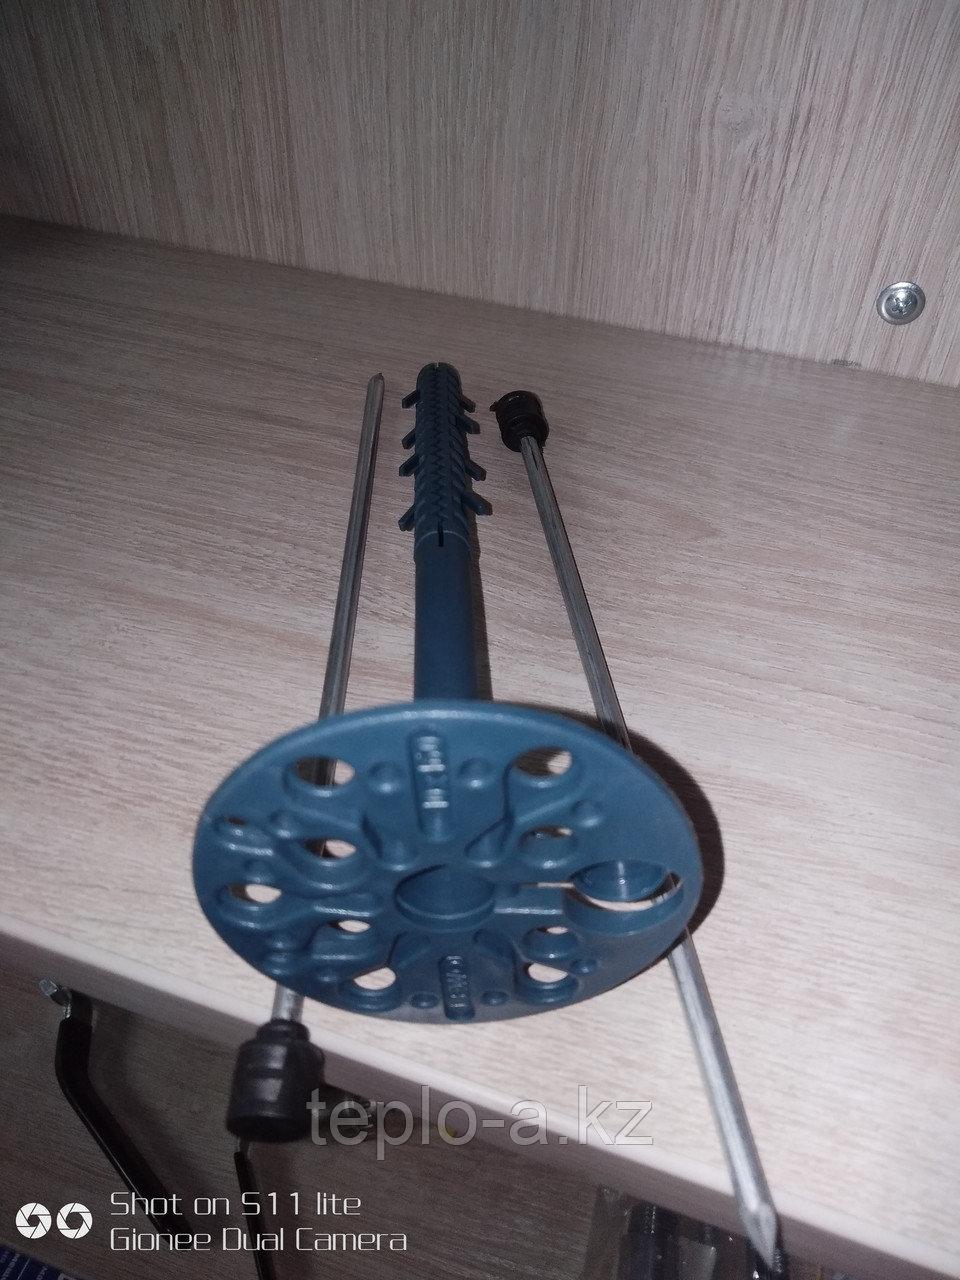 Дюбель зонтик пластиковый с Металлическим гвоздь.  с Термоголовой. 10-160  mm Синие